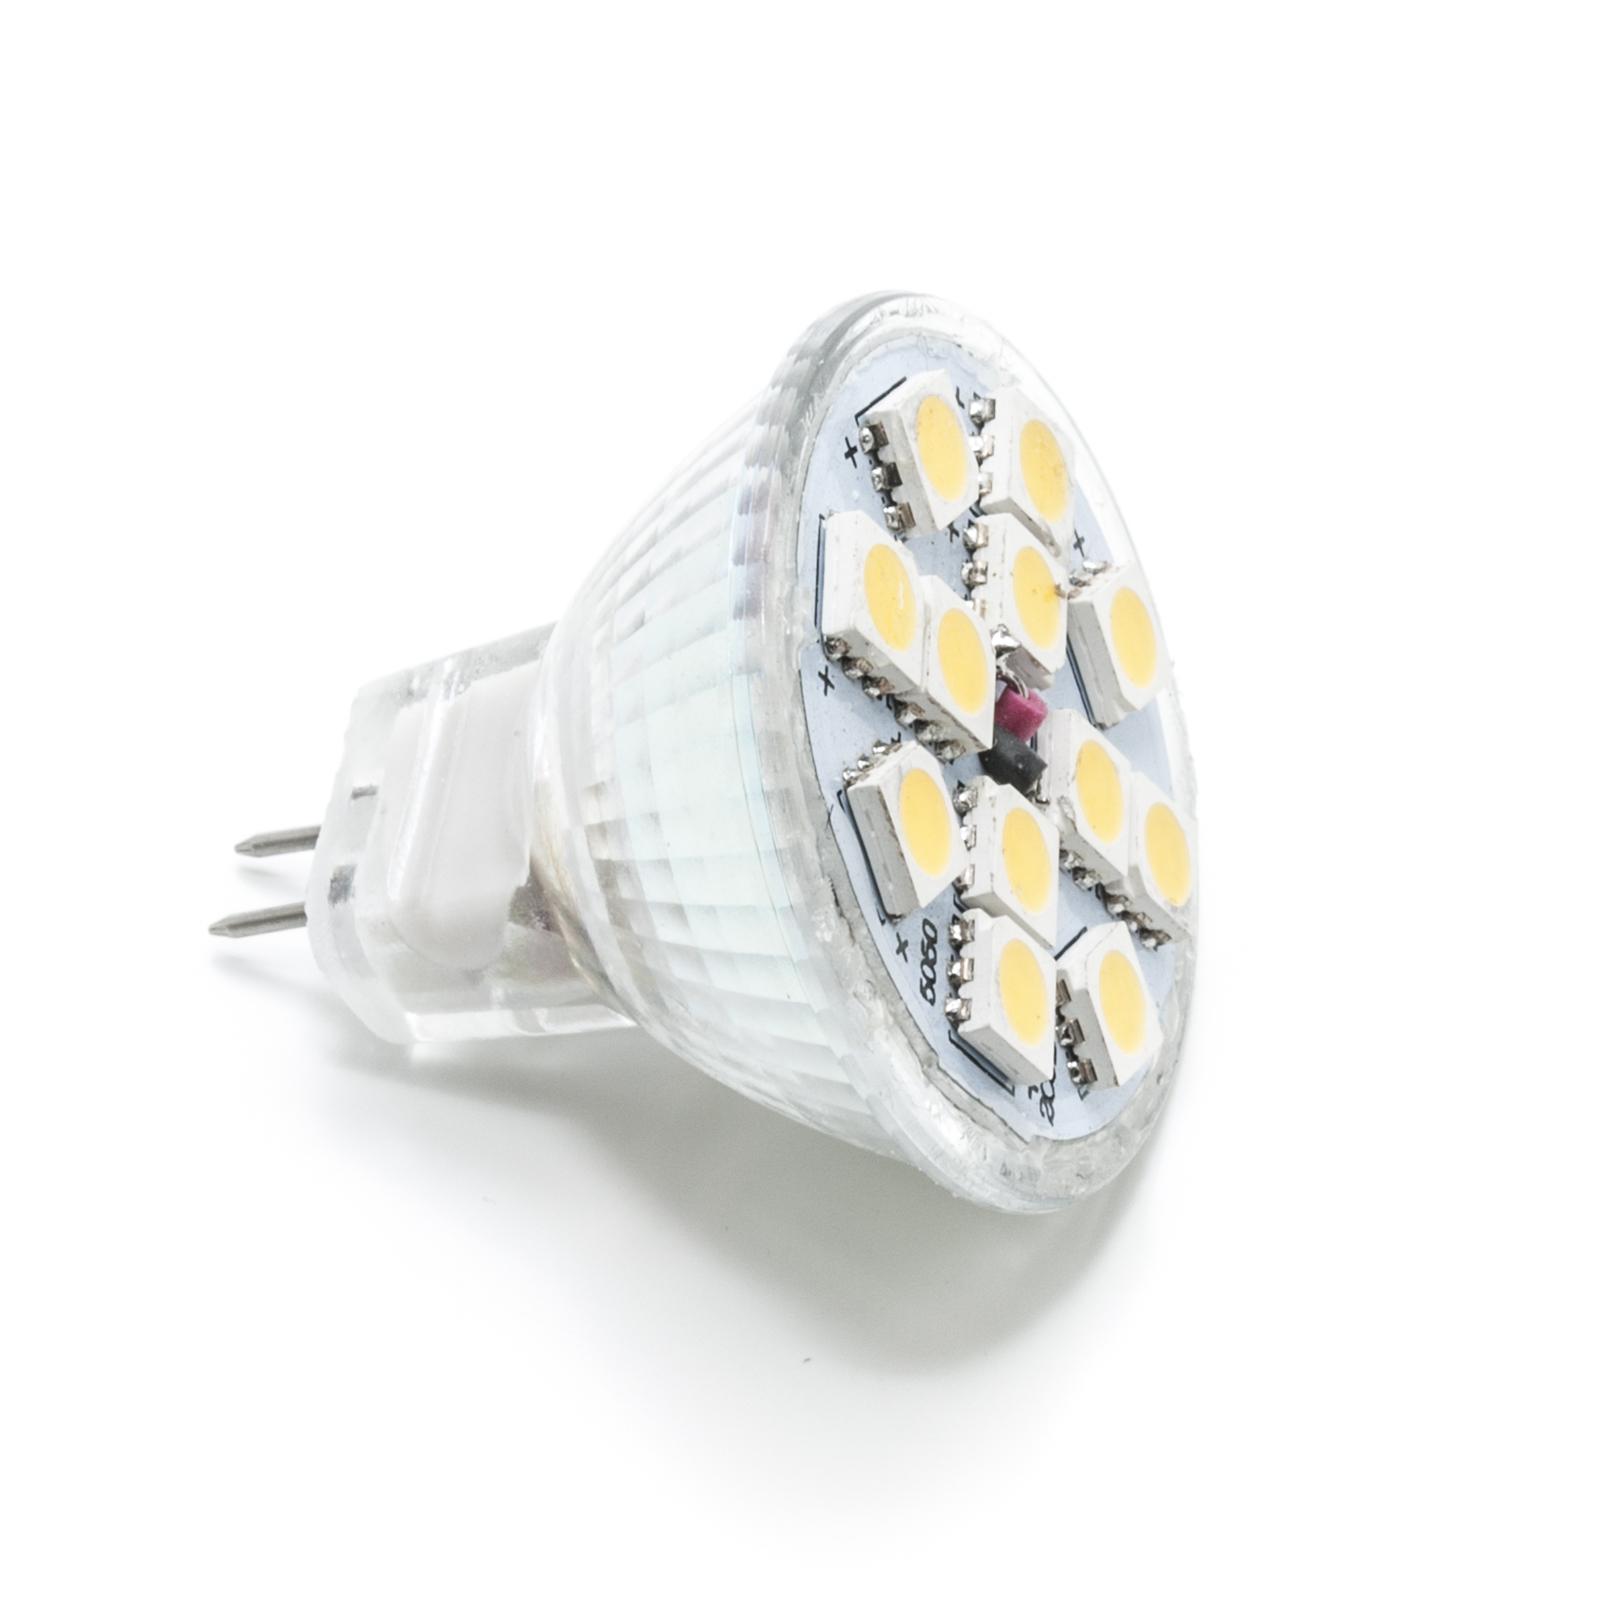 Lampadine Led G4 12v.Bulb Led Spotlight G4 Mr11 3w 35mm Lamp Light 12v 160 Degrees 5050 W